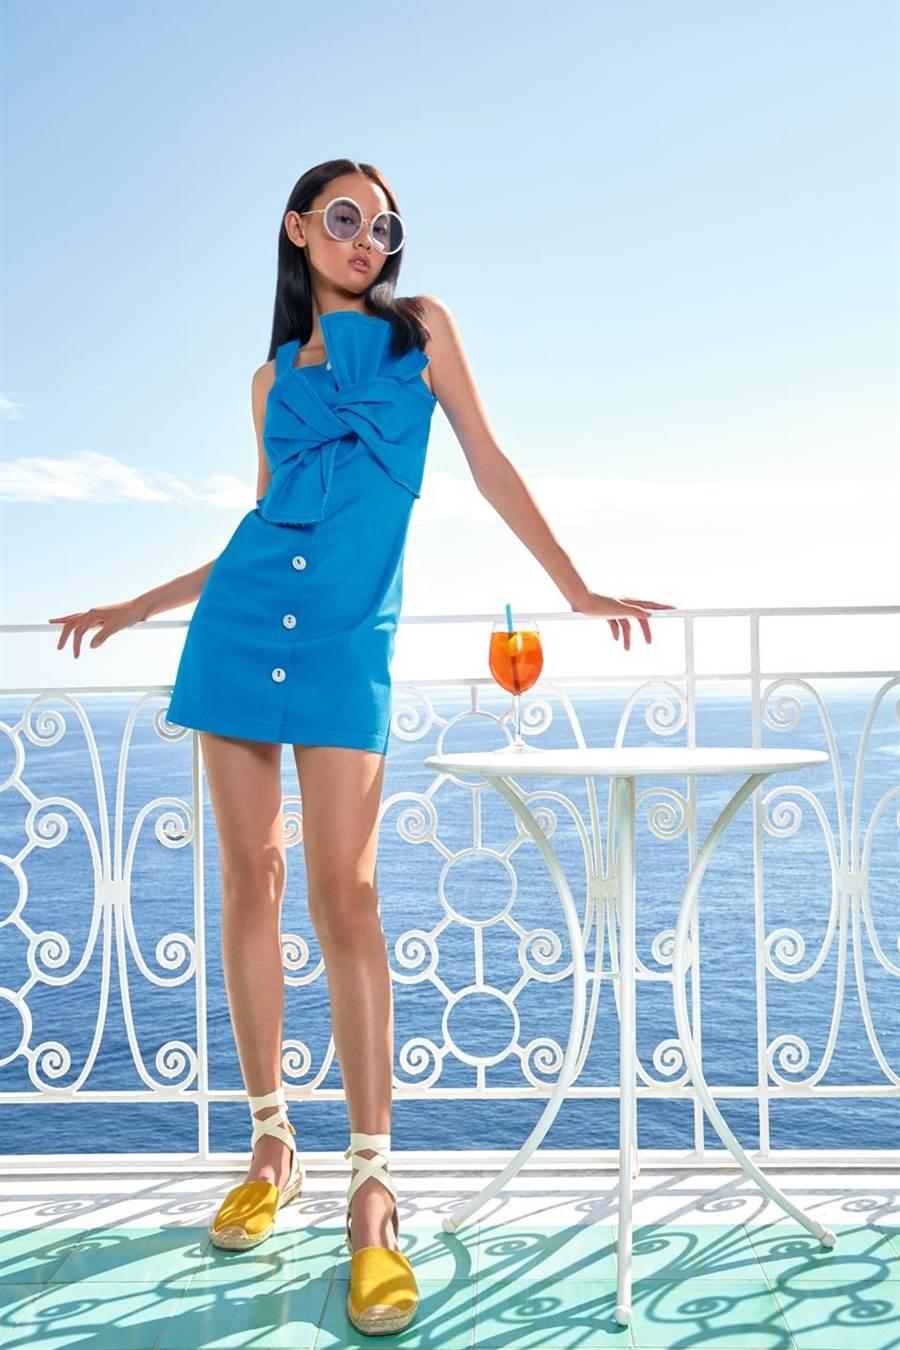 微風廣場新櫃PORTSPURE,是PORTS 1961副牌,兼顧時尚與功能性,蝴蝶結牛仔洋裝1萬280元。(微風提供)